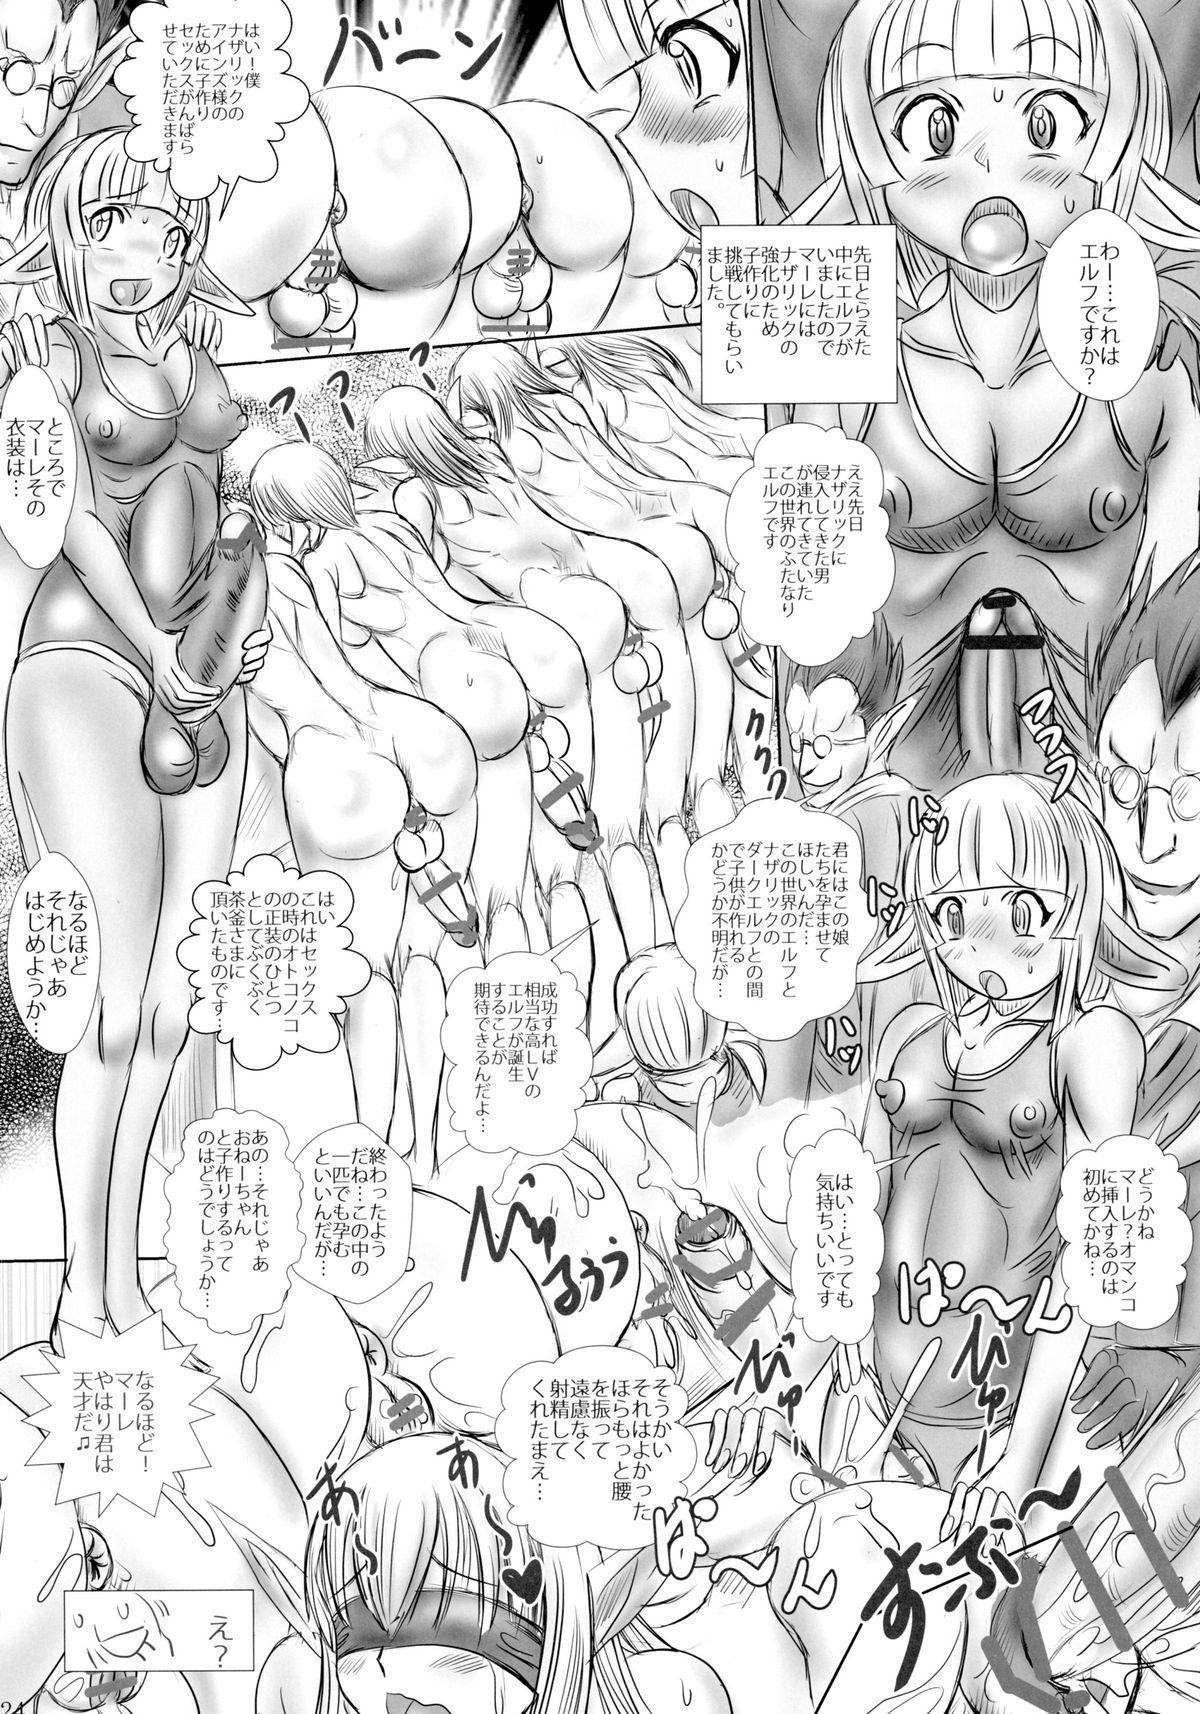 Oideyo! Nazarick no Futanari Bokujou 23